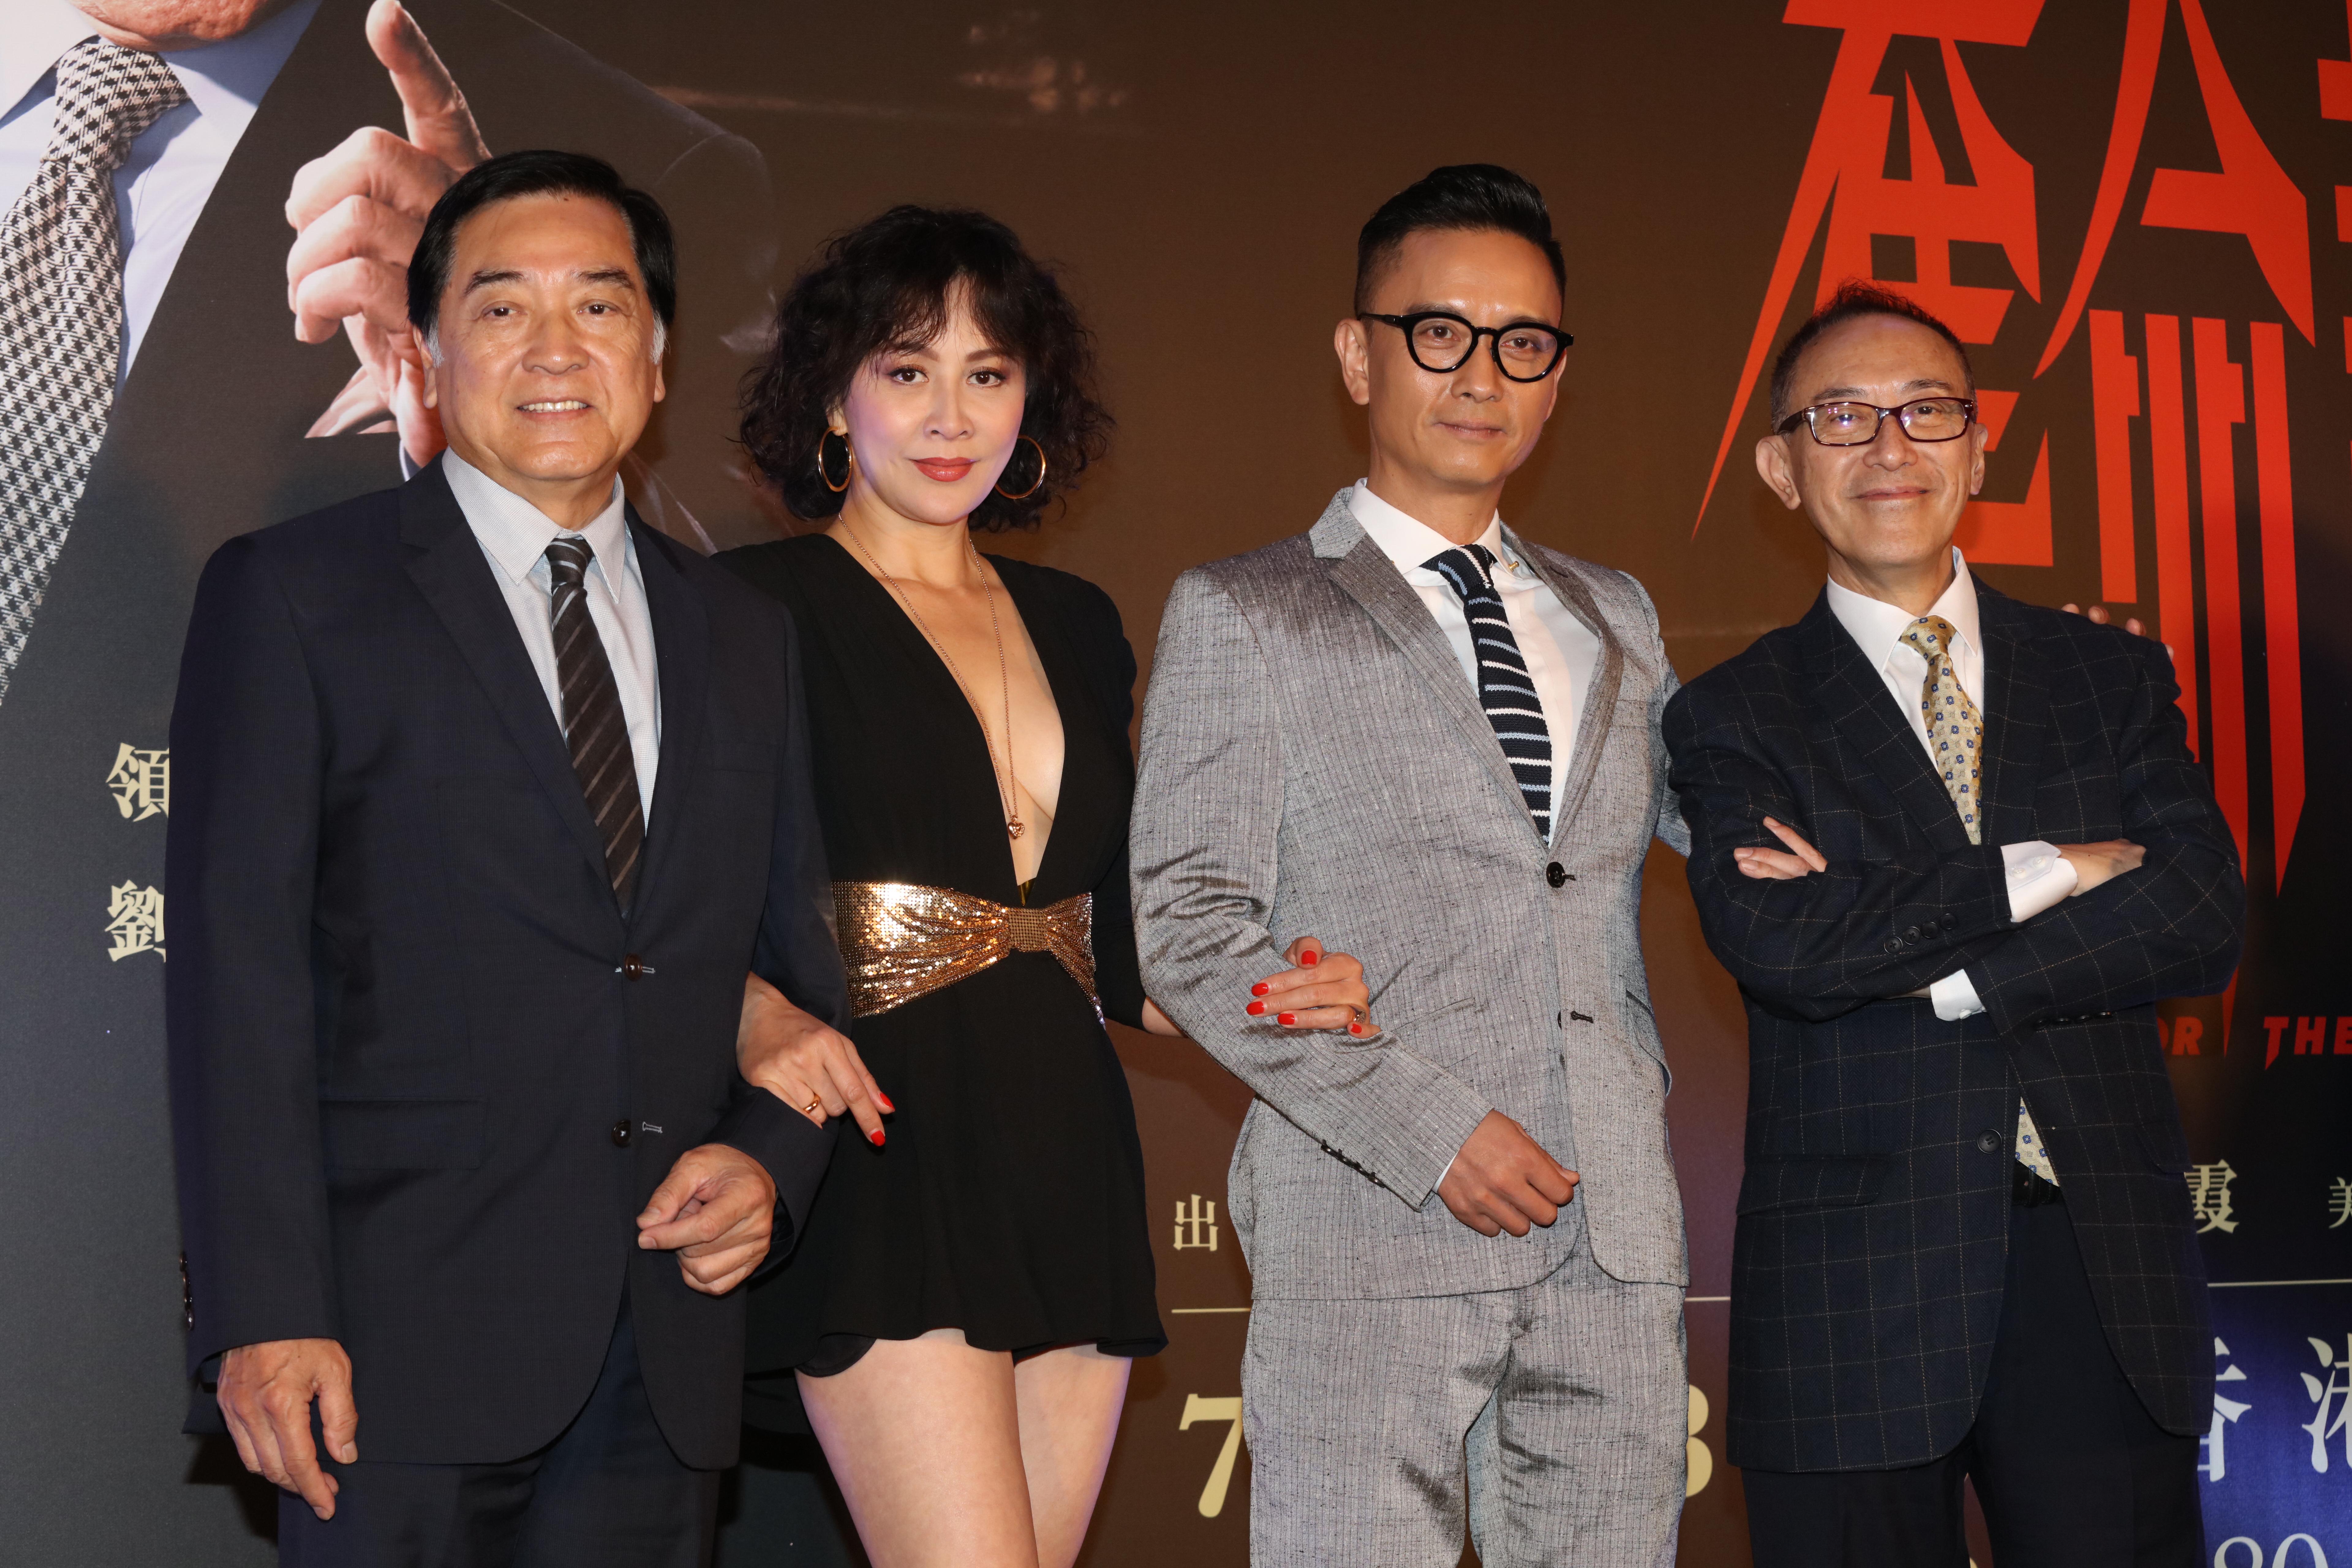 首次演出舞台劇《奪命証人》的秦沛表示壓力大,幸好同劇演員劉嘉玲給予一些意見,令他輕鬆不少。